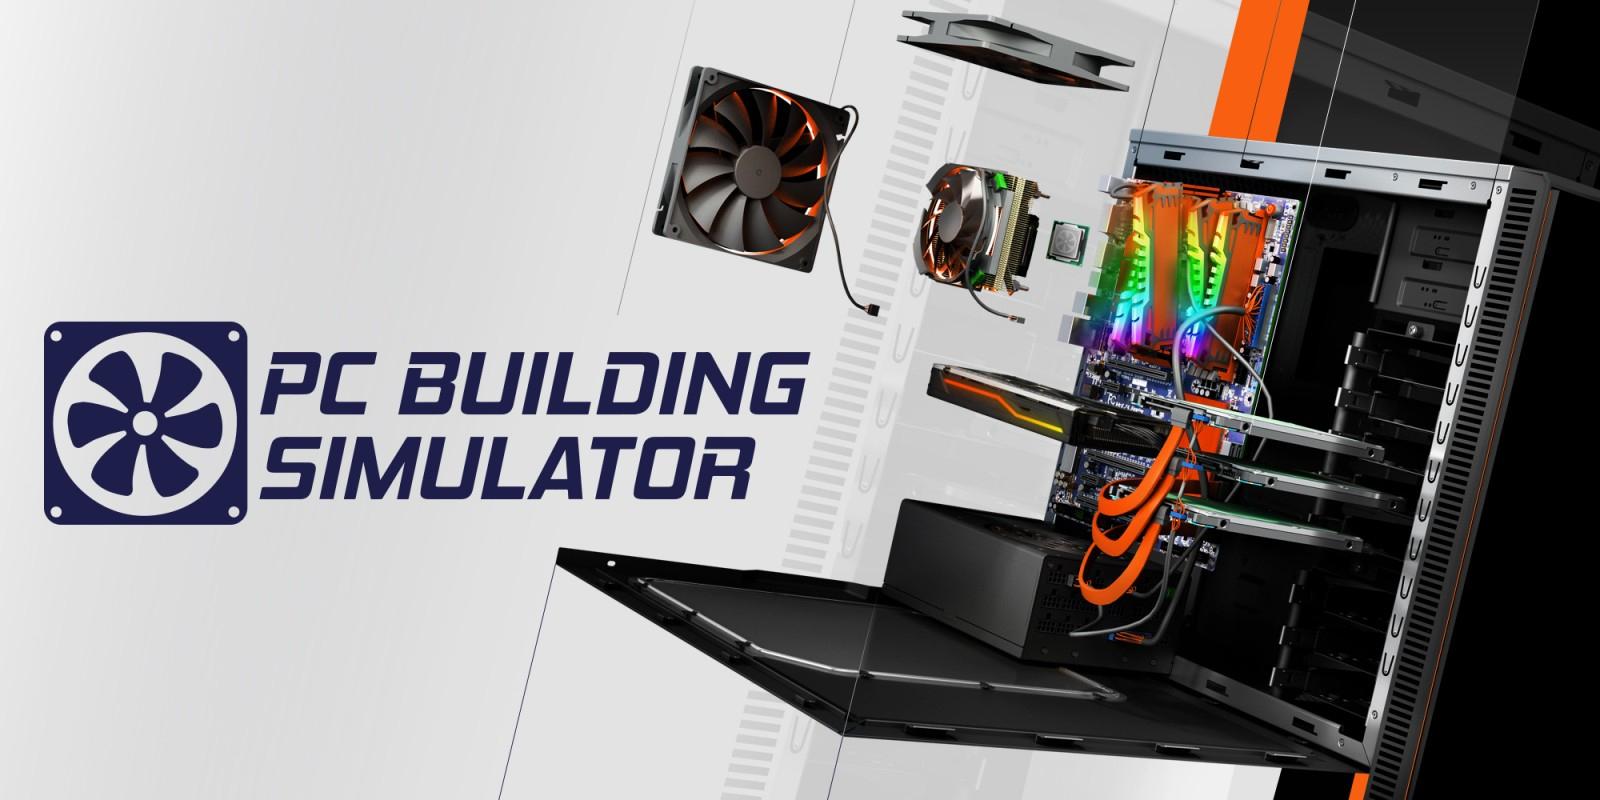 Pc Building Simulator | Jeux À Télécharger Sur Nintendo dedans Site Pour Telecharger Des Jeux Pc Complet Gratuit